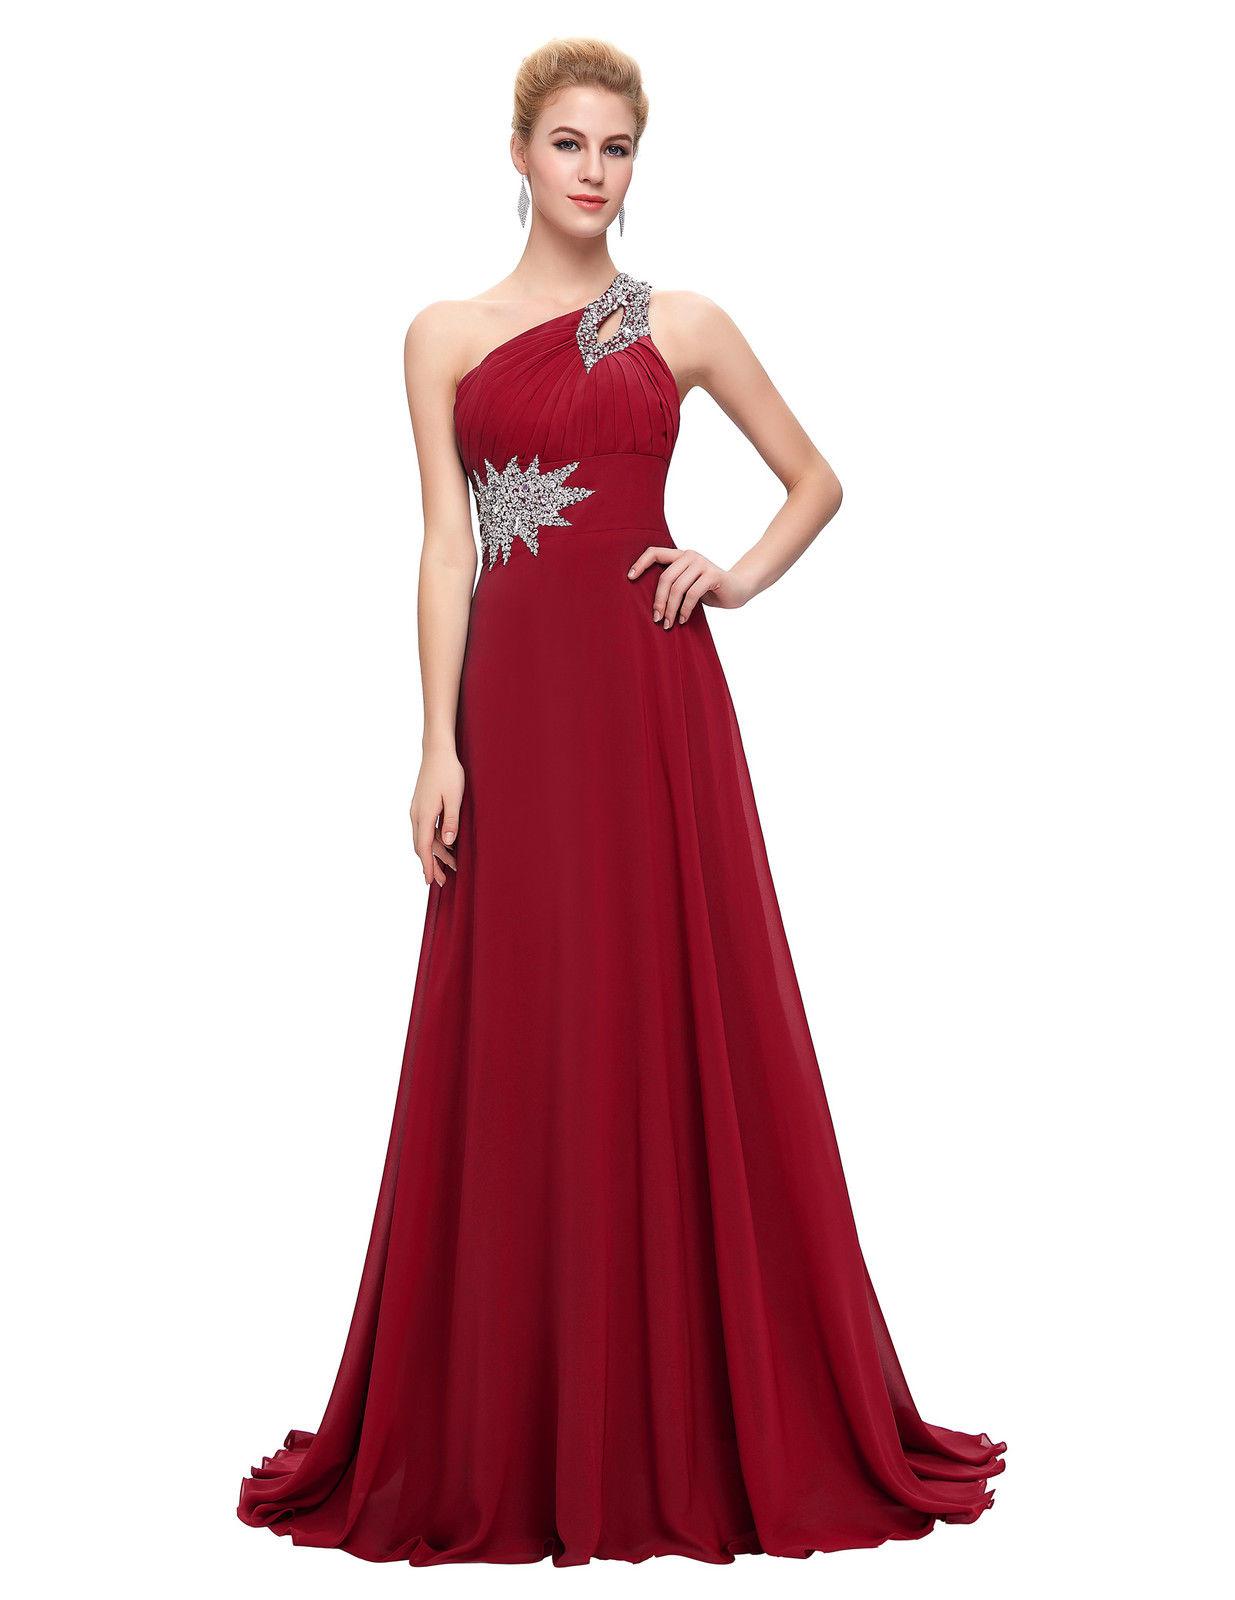 41815d6017f Luxusní plesové a společenské šaty vínová